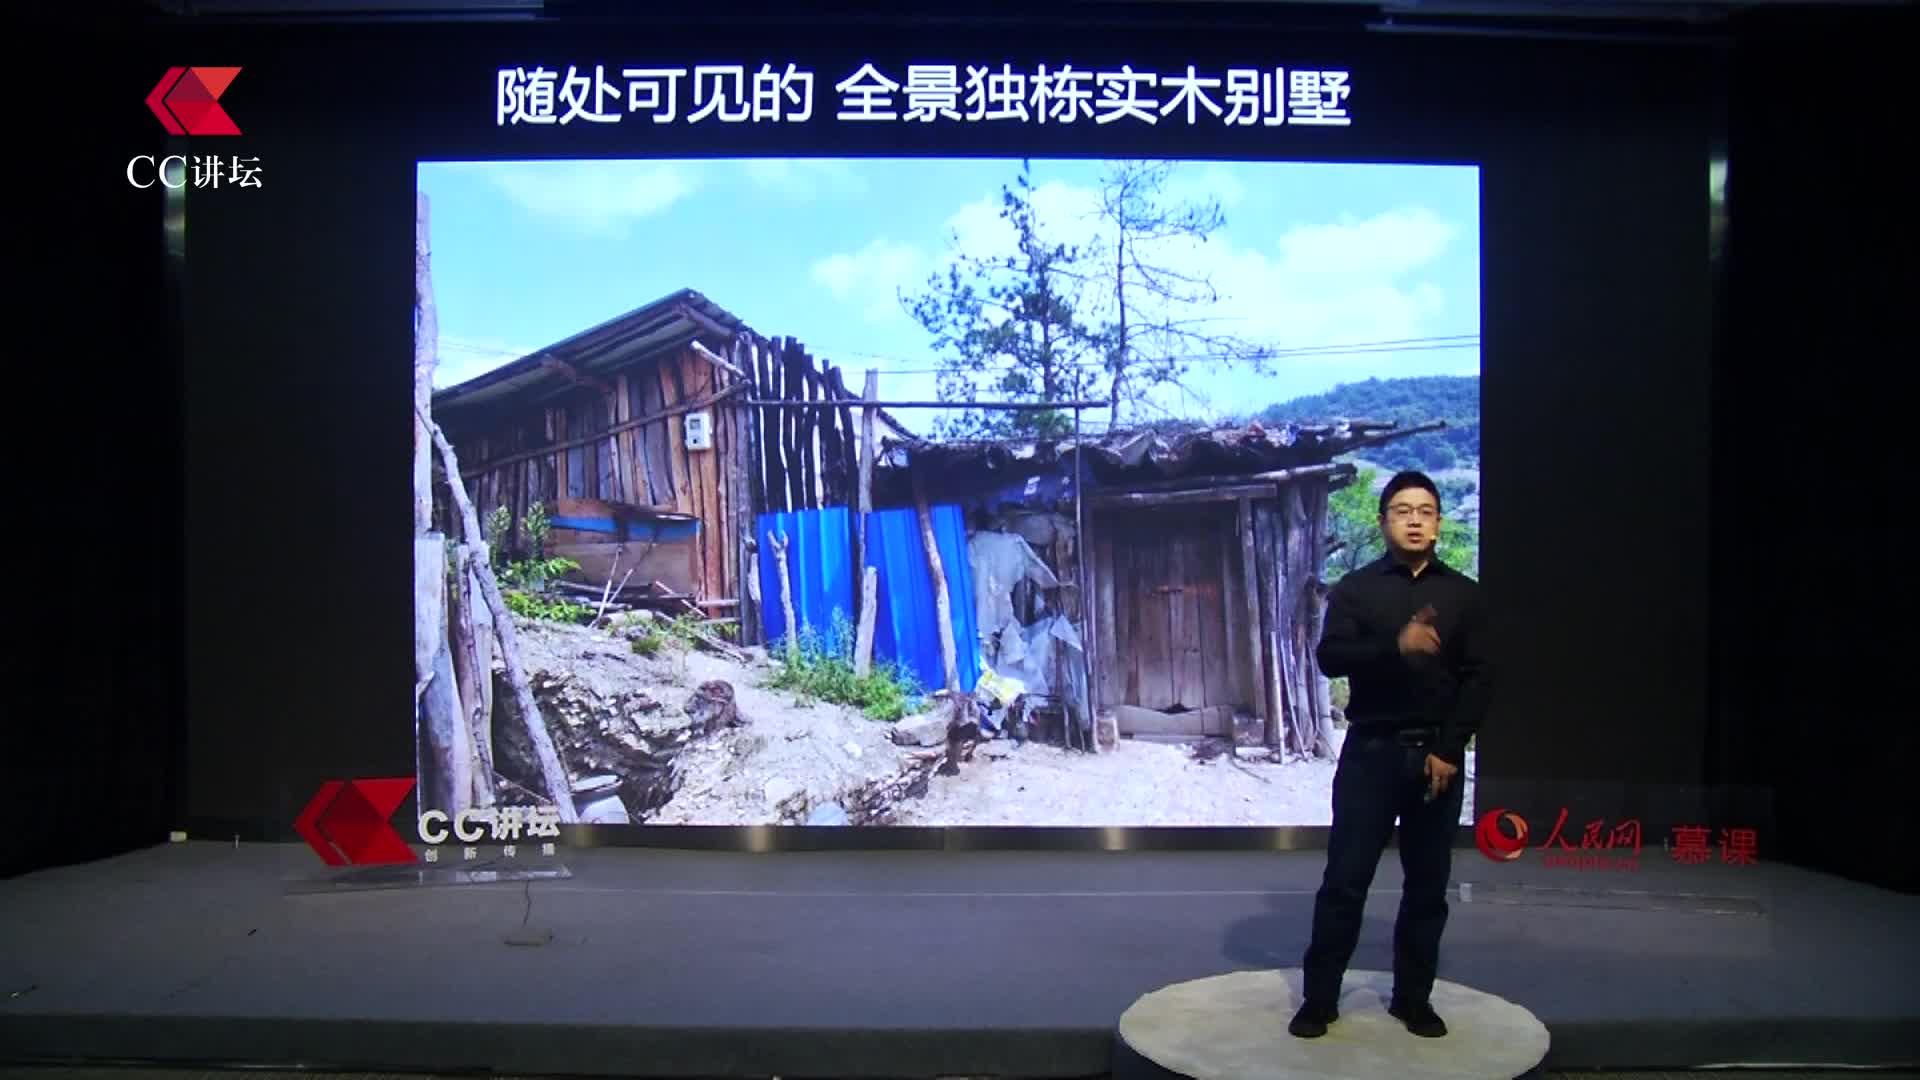 CC讲坛(科技)李勃《科技扶贫,让绿水青山变成金山银山》